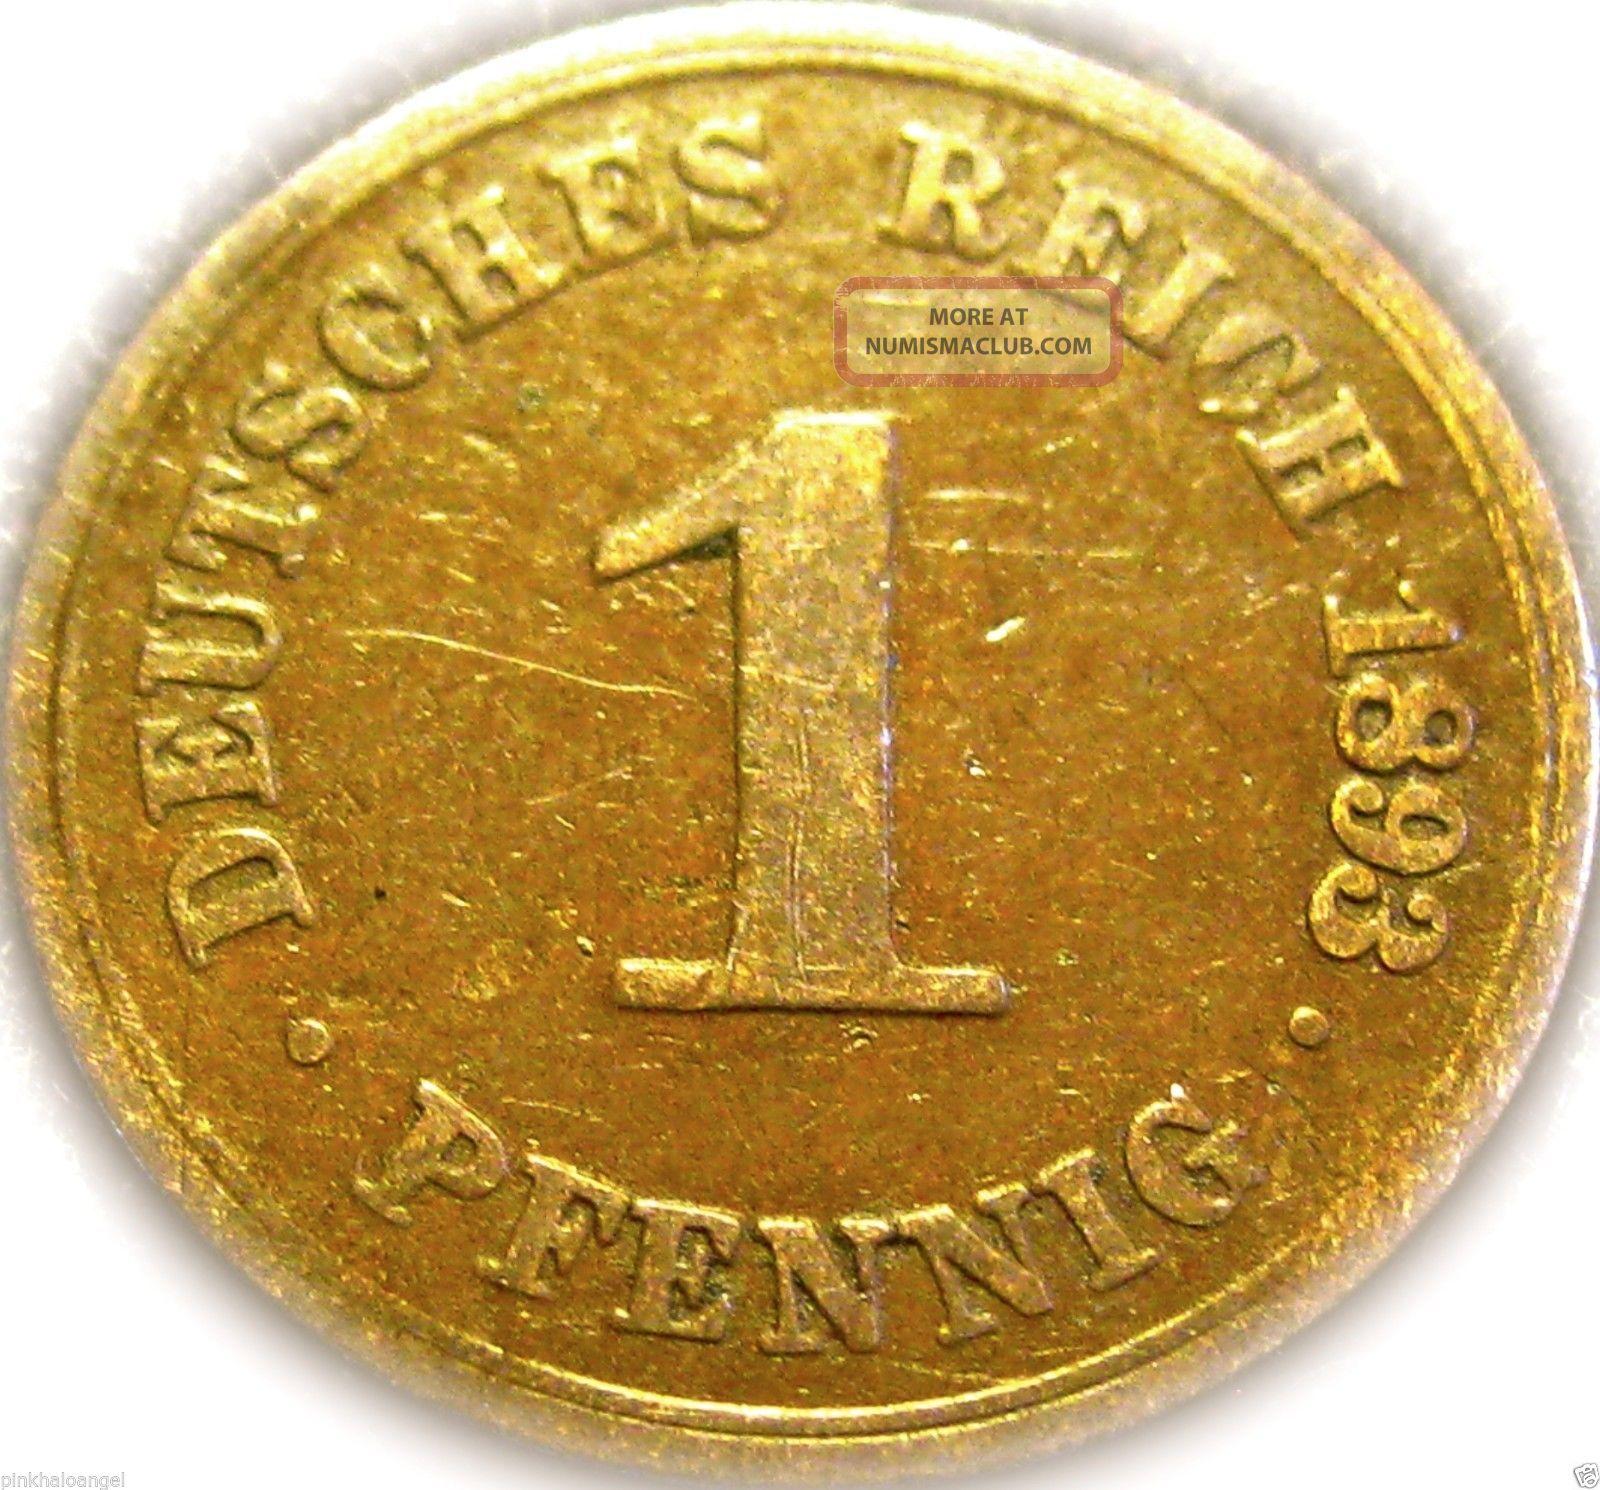 german pfennig coins